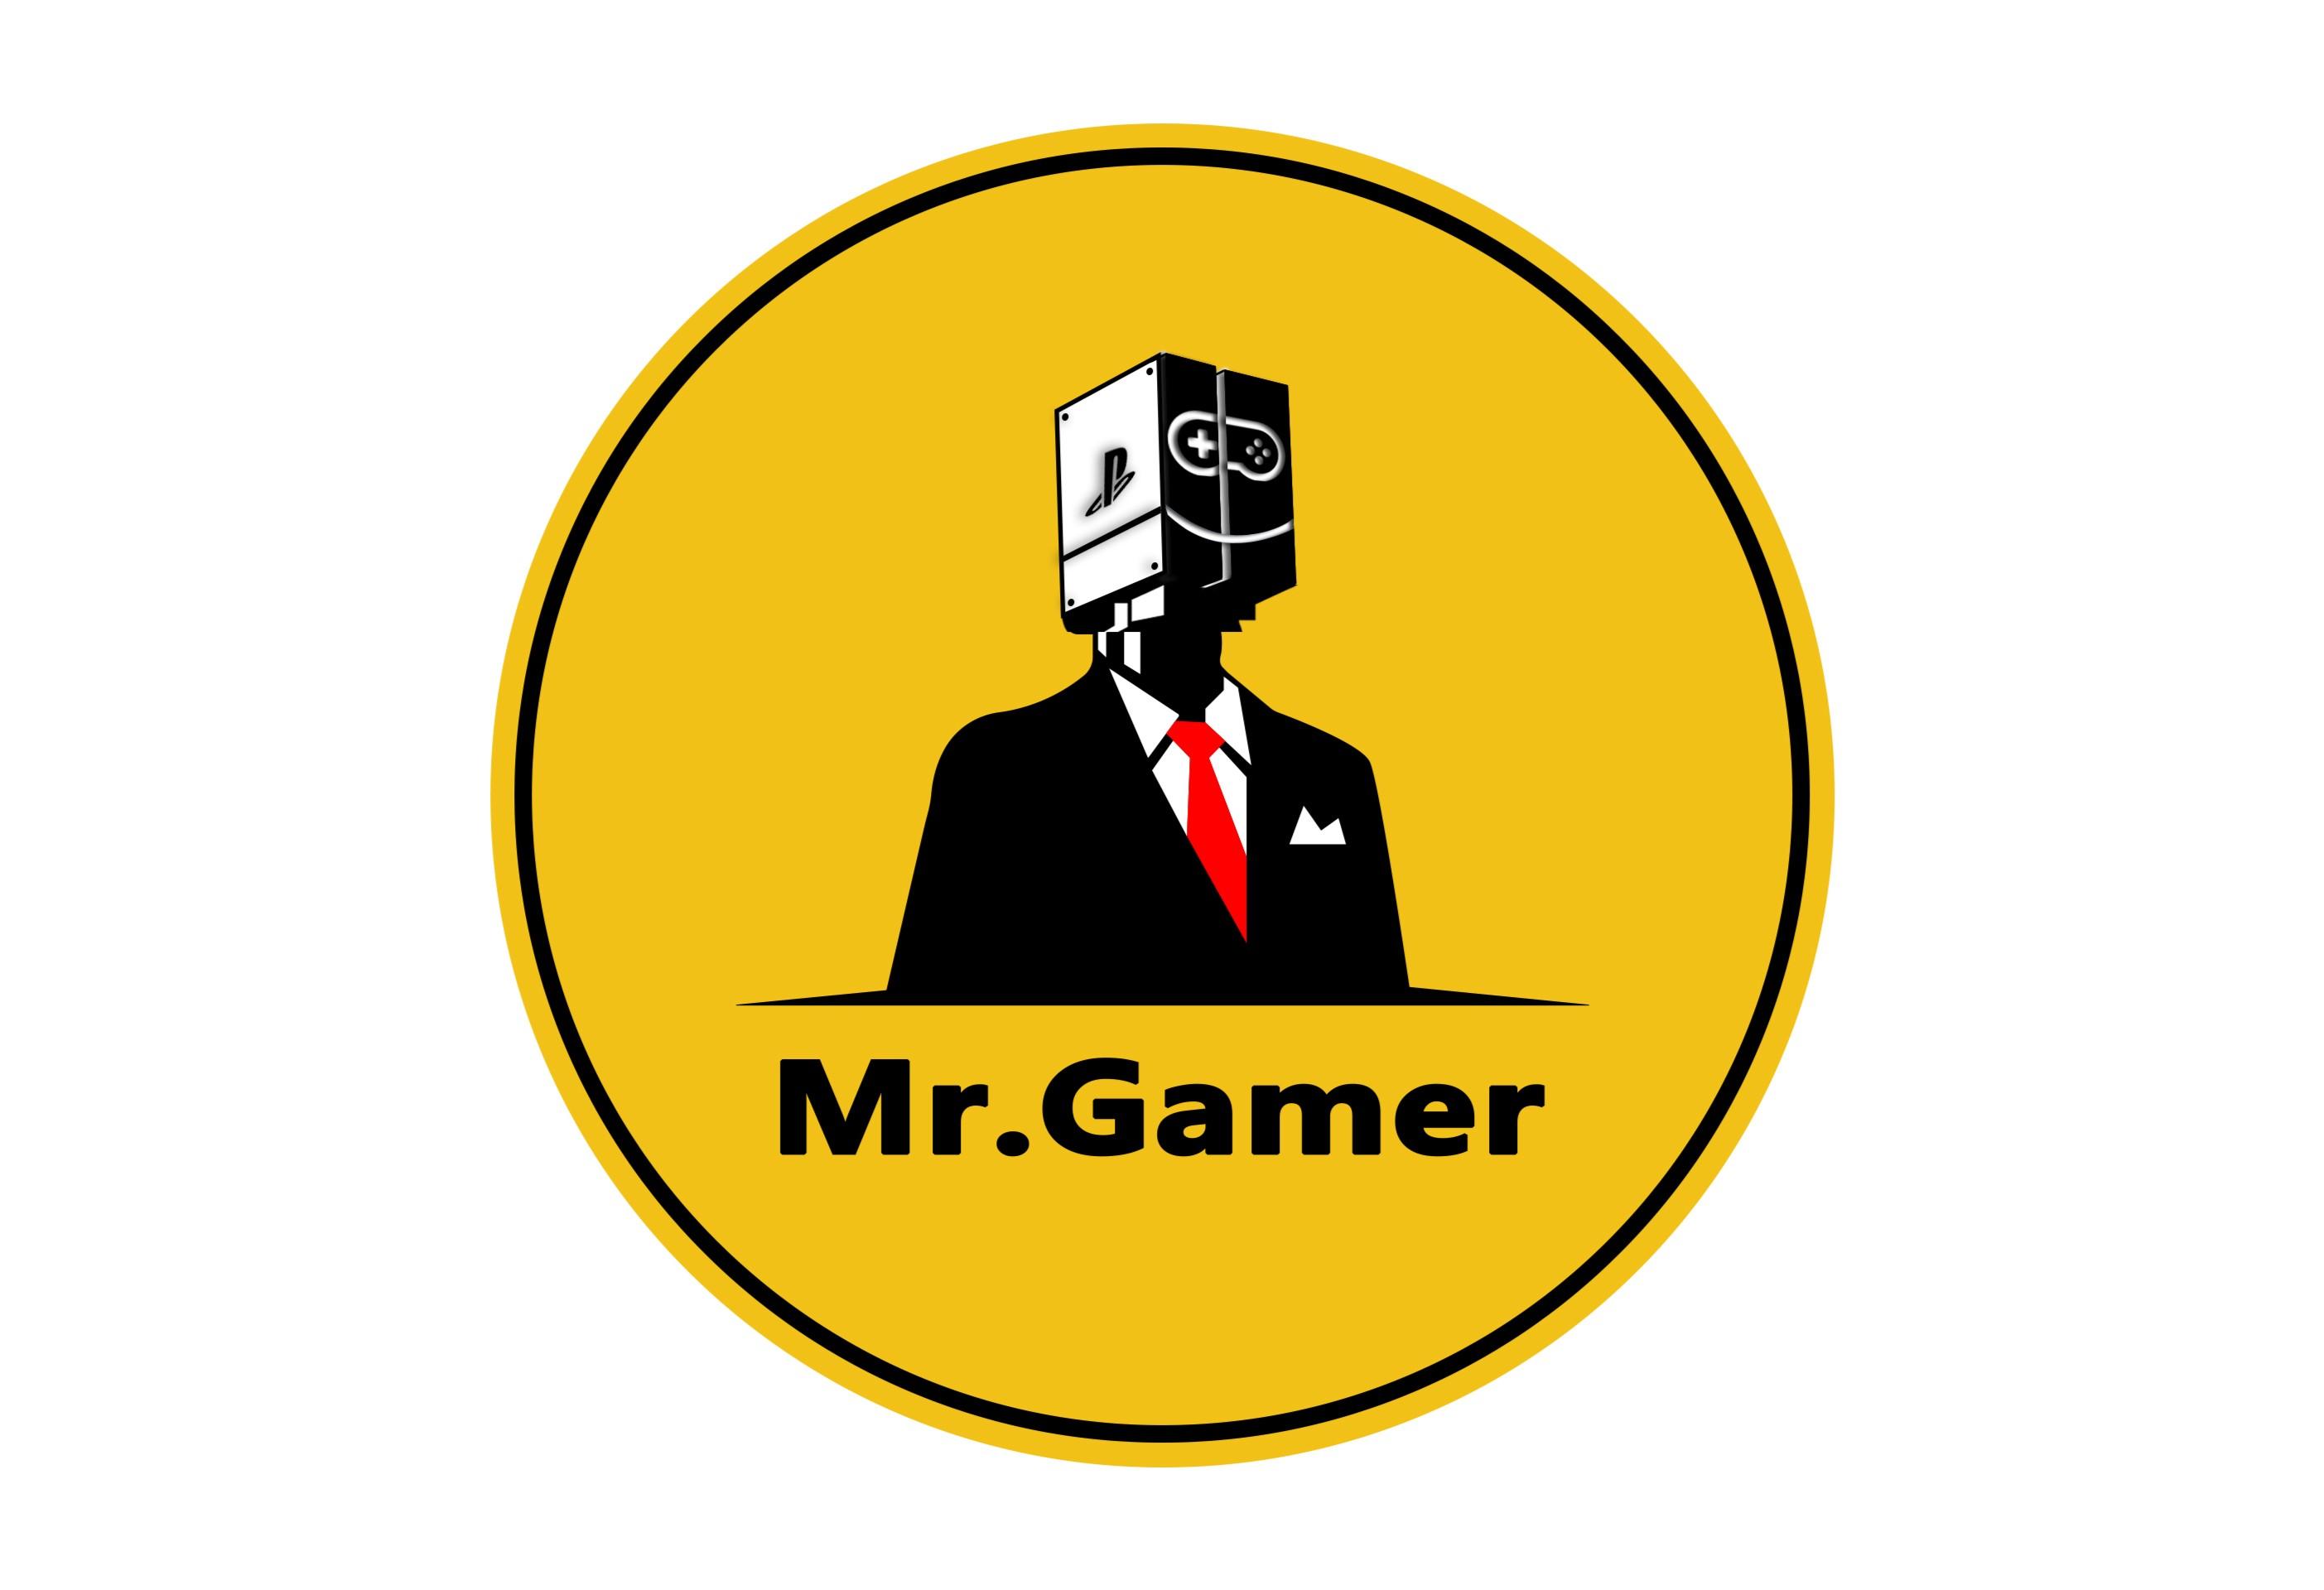 مستر گیمر